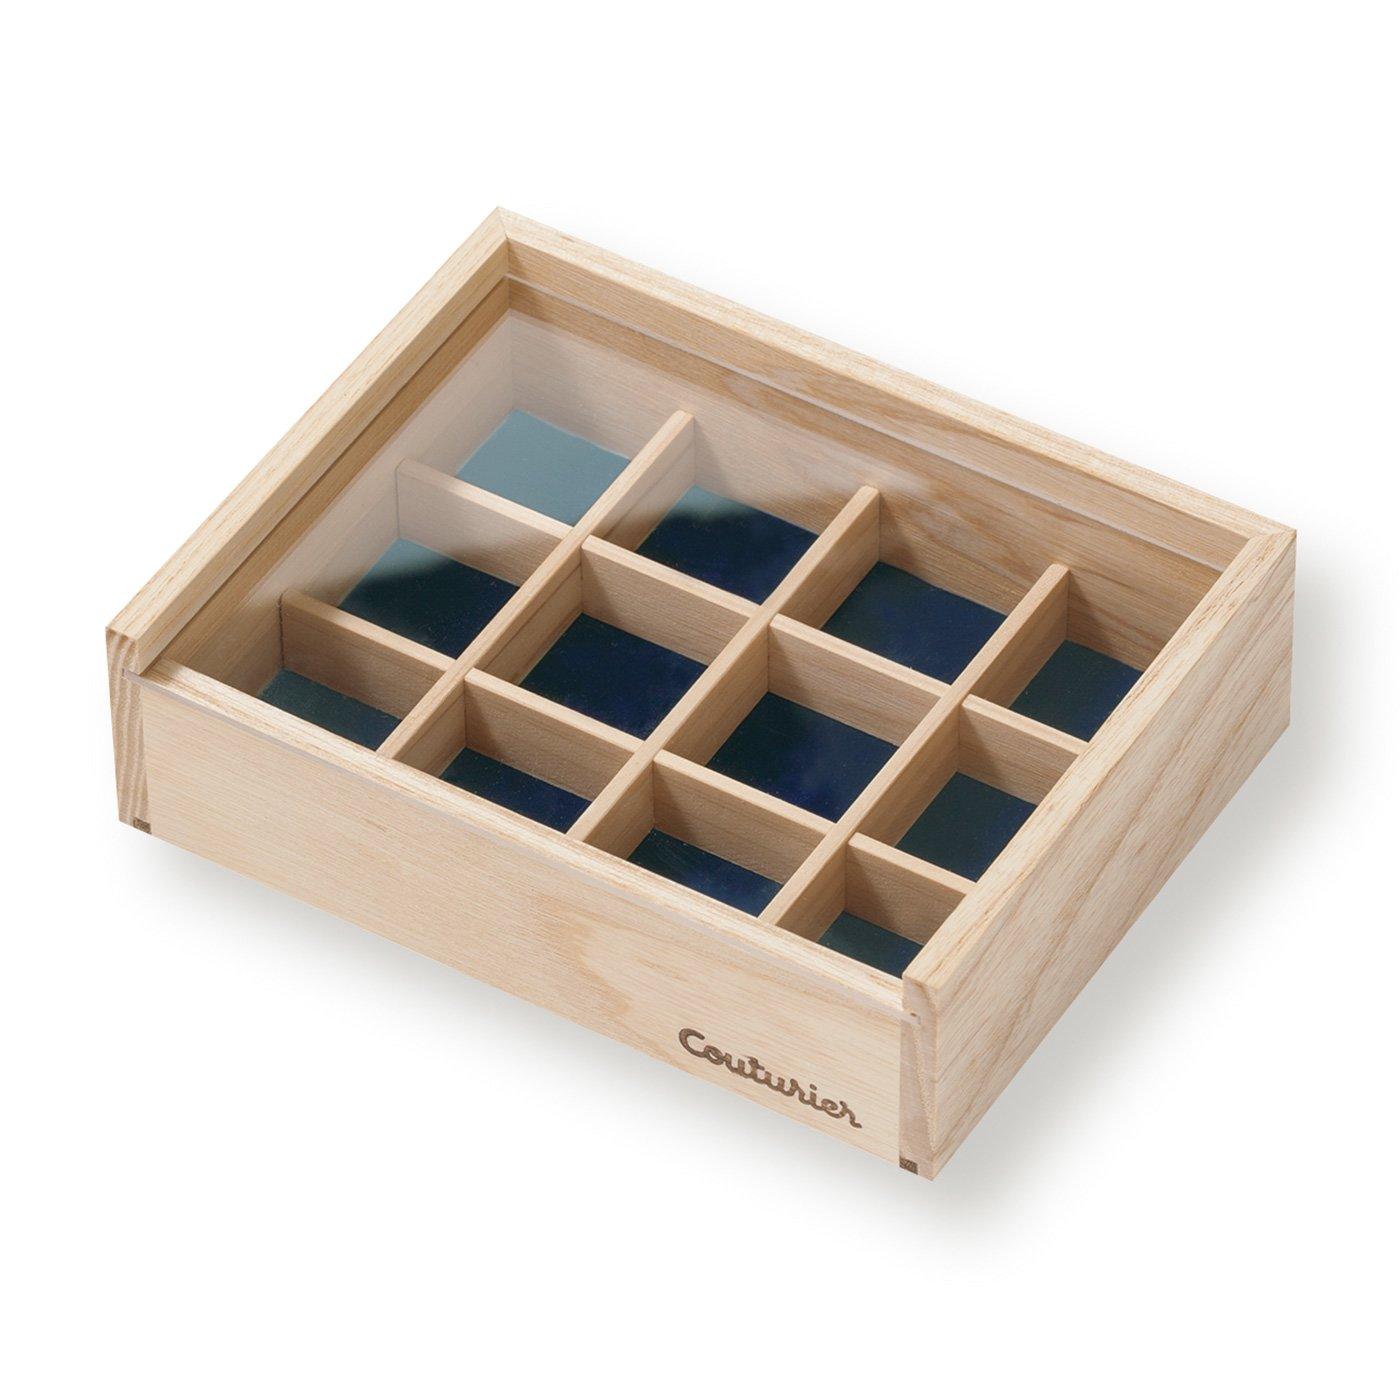 作品をさらに美しく 無垢材仕上げのコレクション木箱